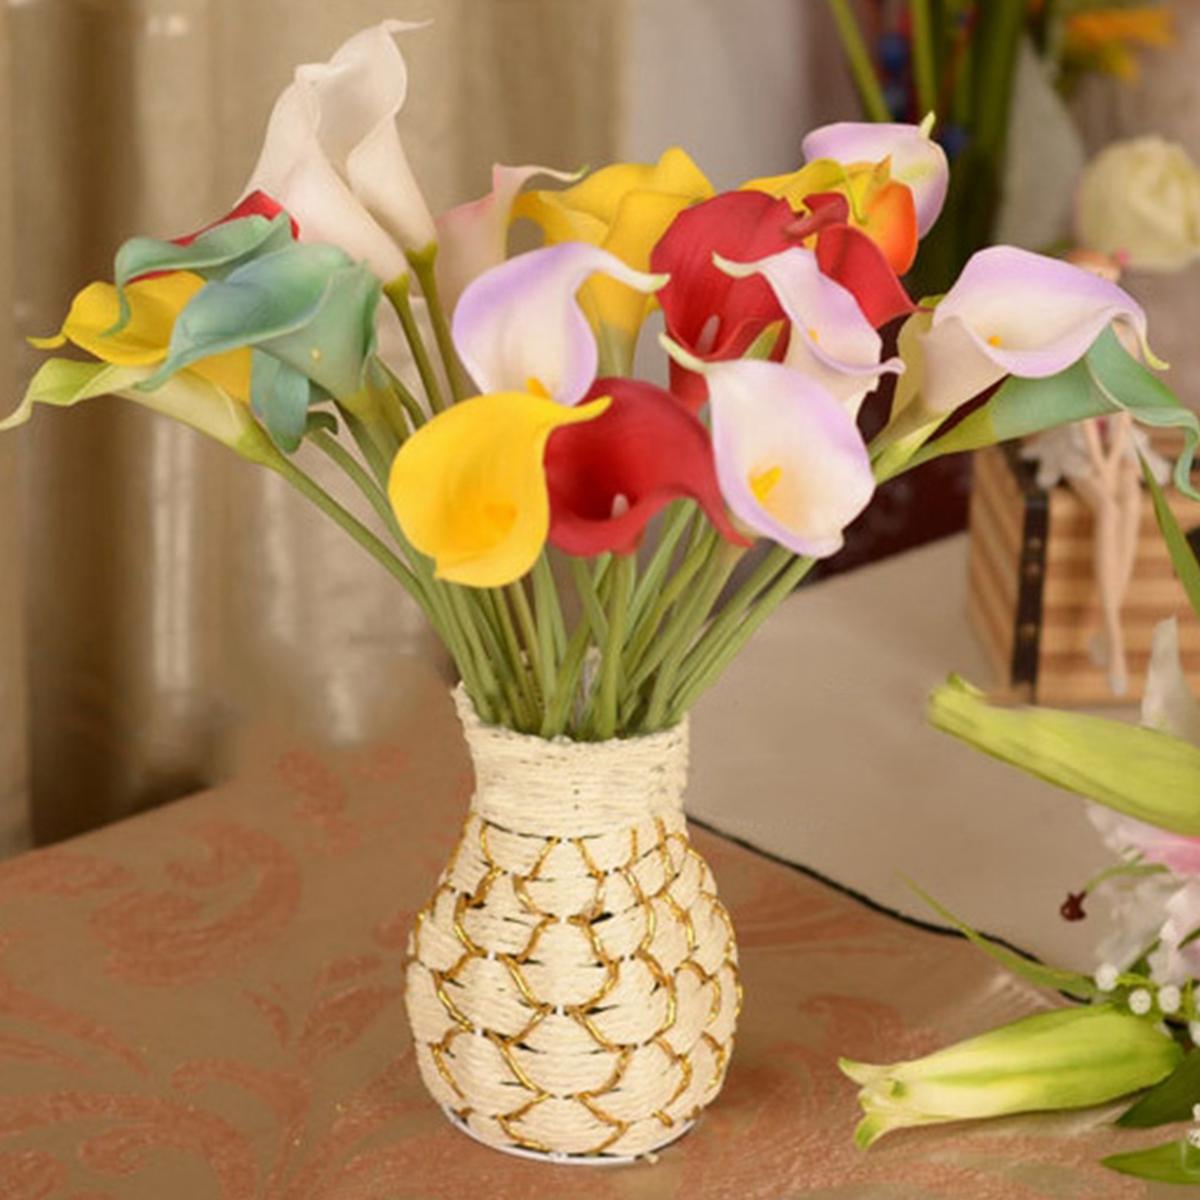 Bouquet de fleurs artificielle hortensia soie d coration mariage maison soir - Decoration fleur mariage ...